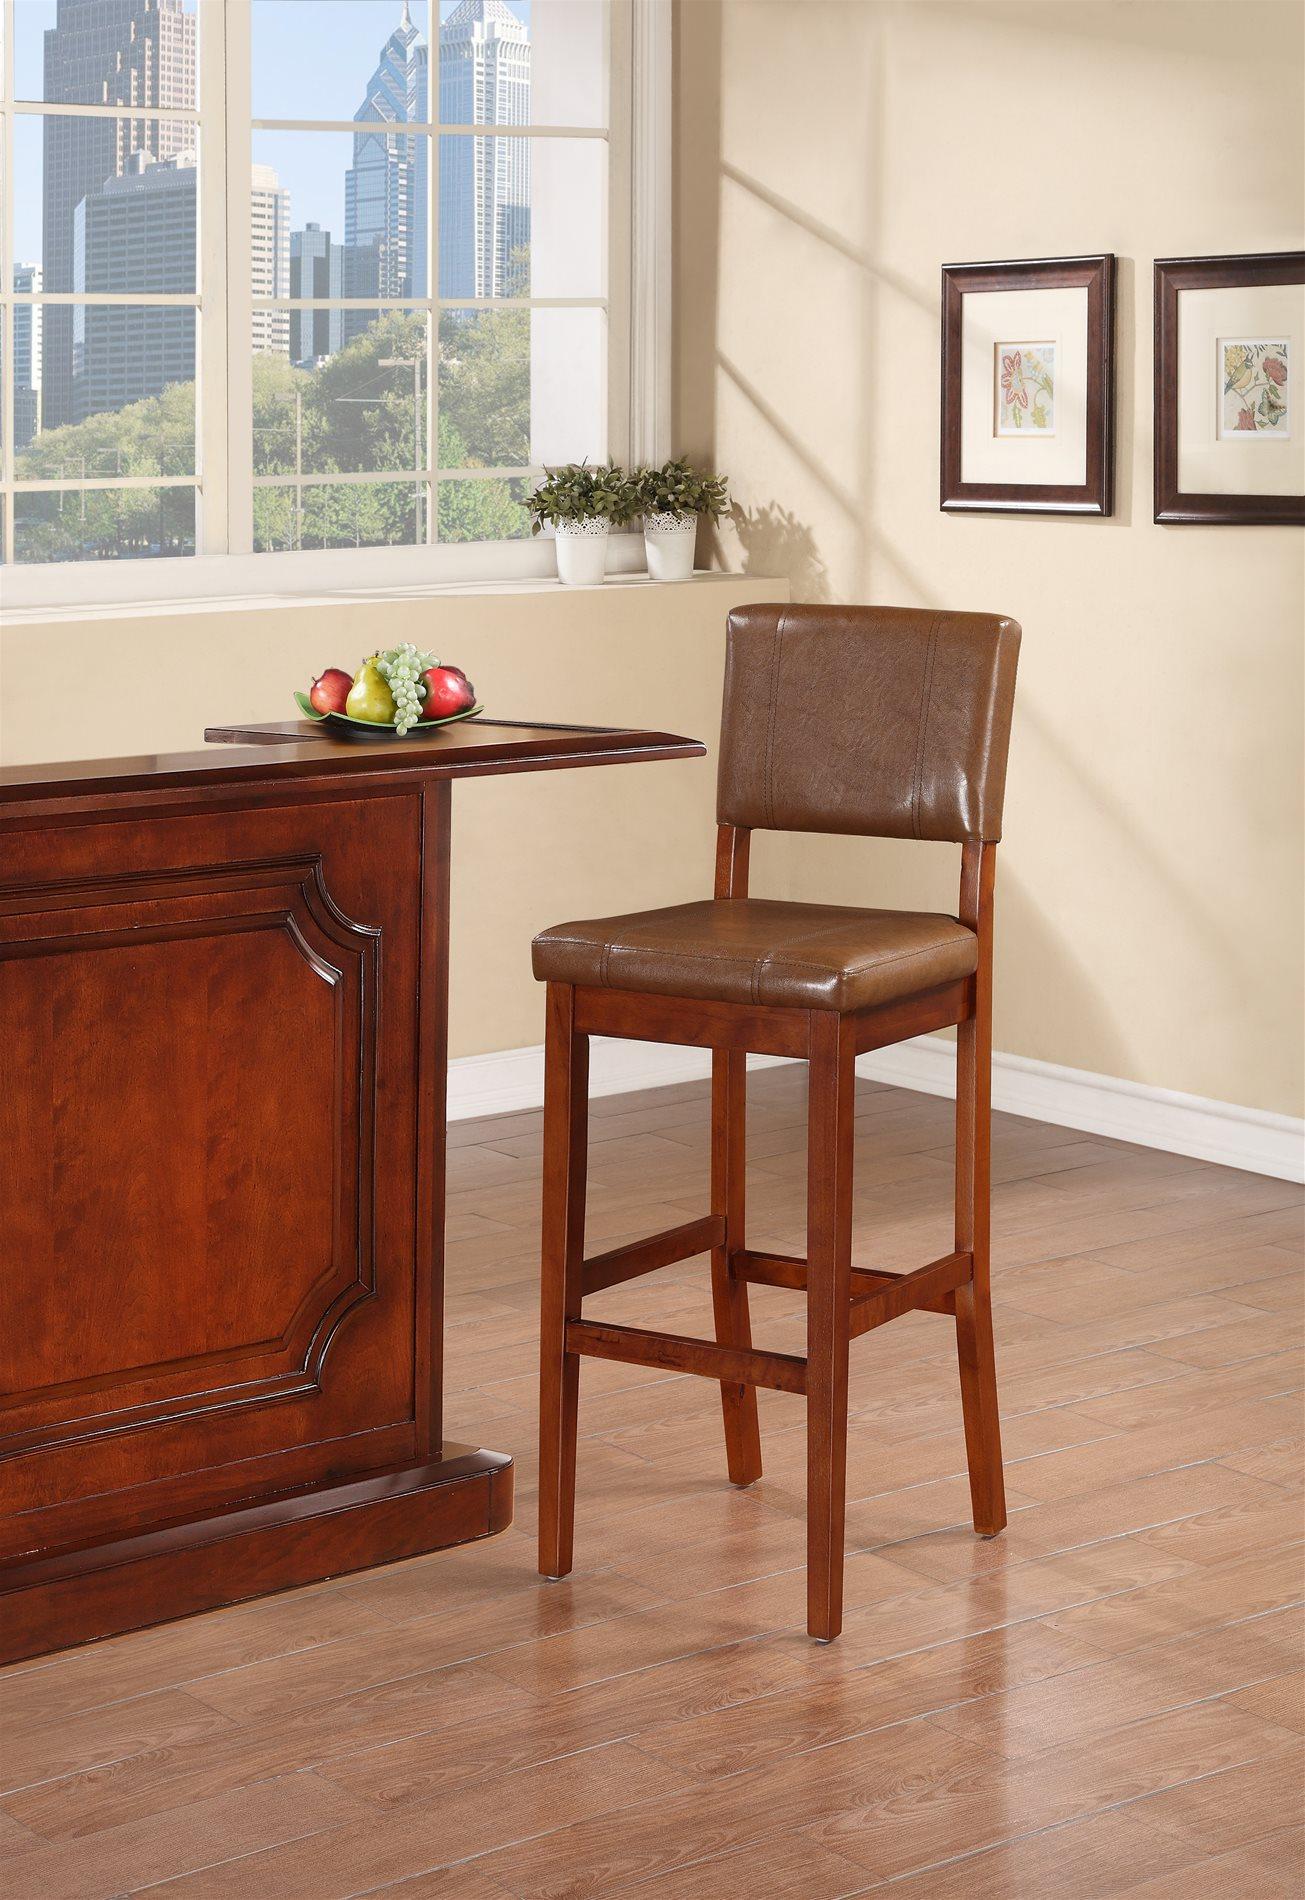 Linon home decor 0211rus01u milano bar stool russet linh for Home decor milano